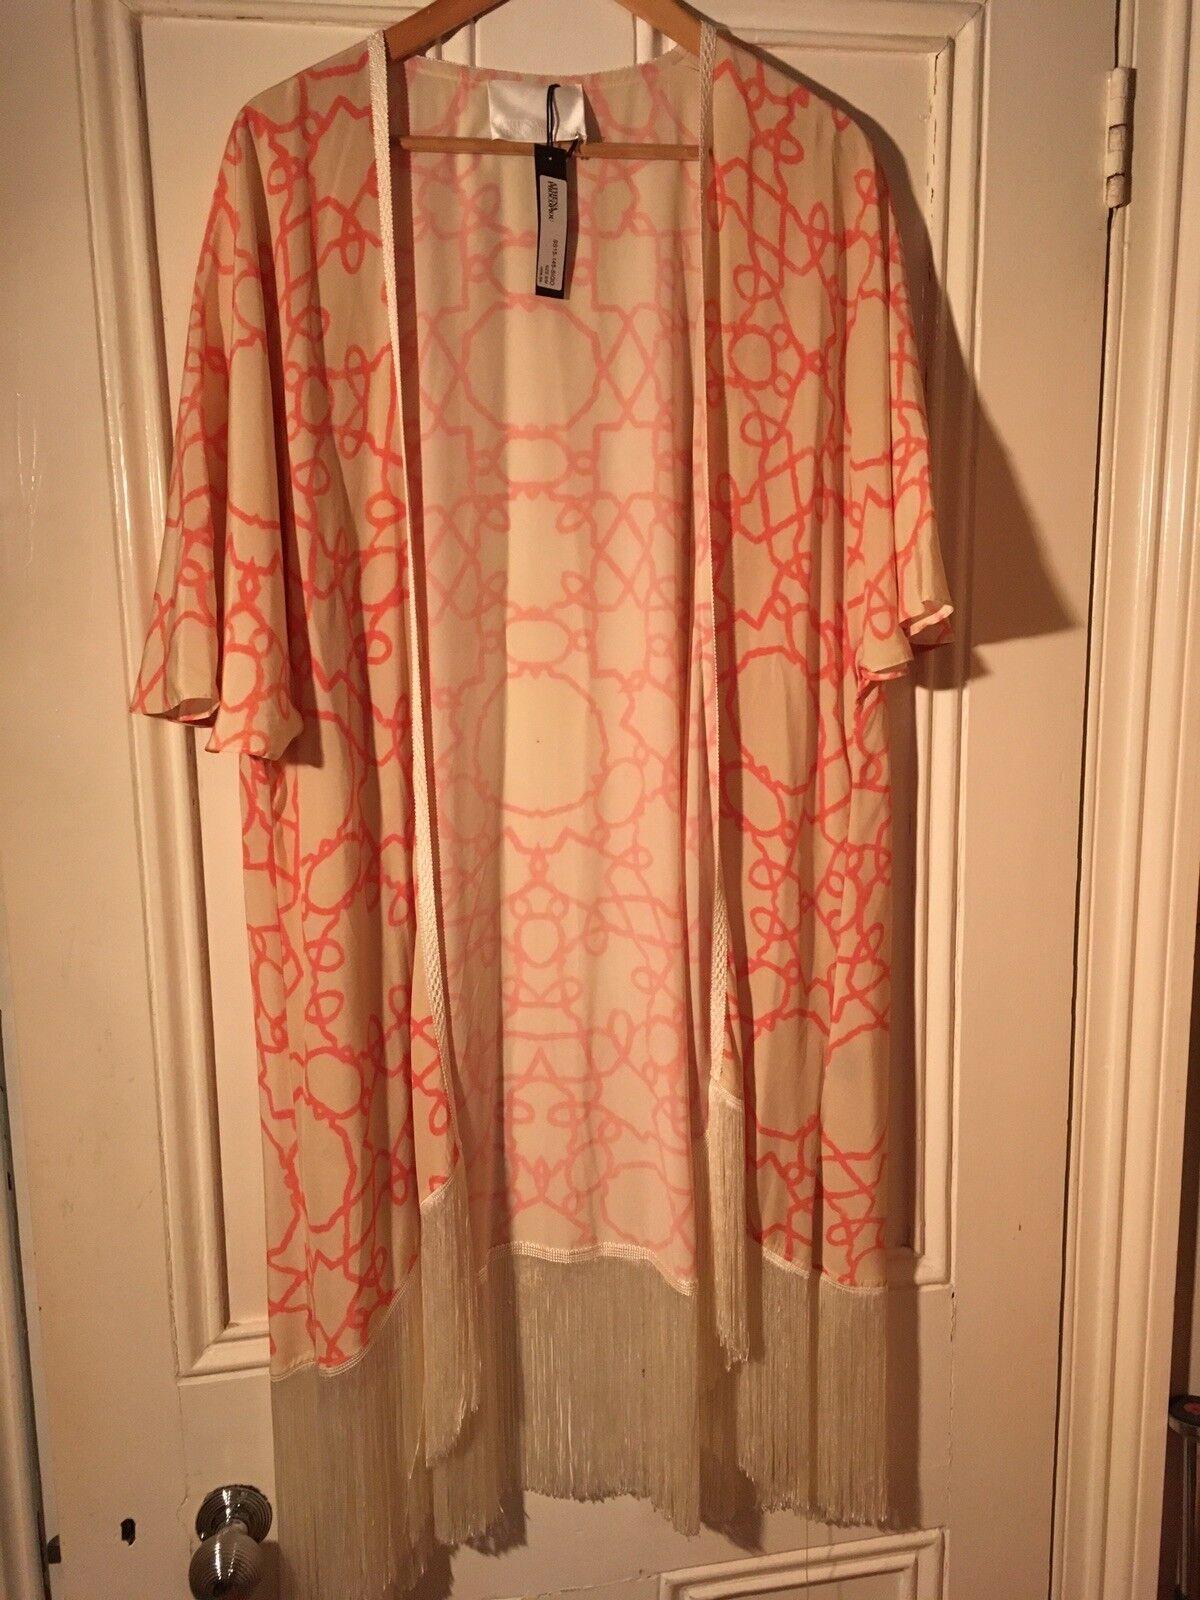 Athena anthopoulos Short Fringed Kimono